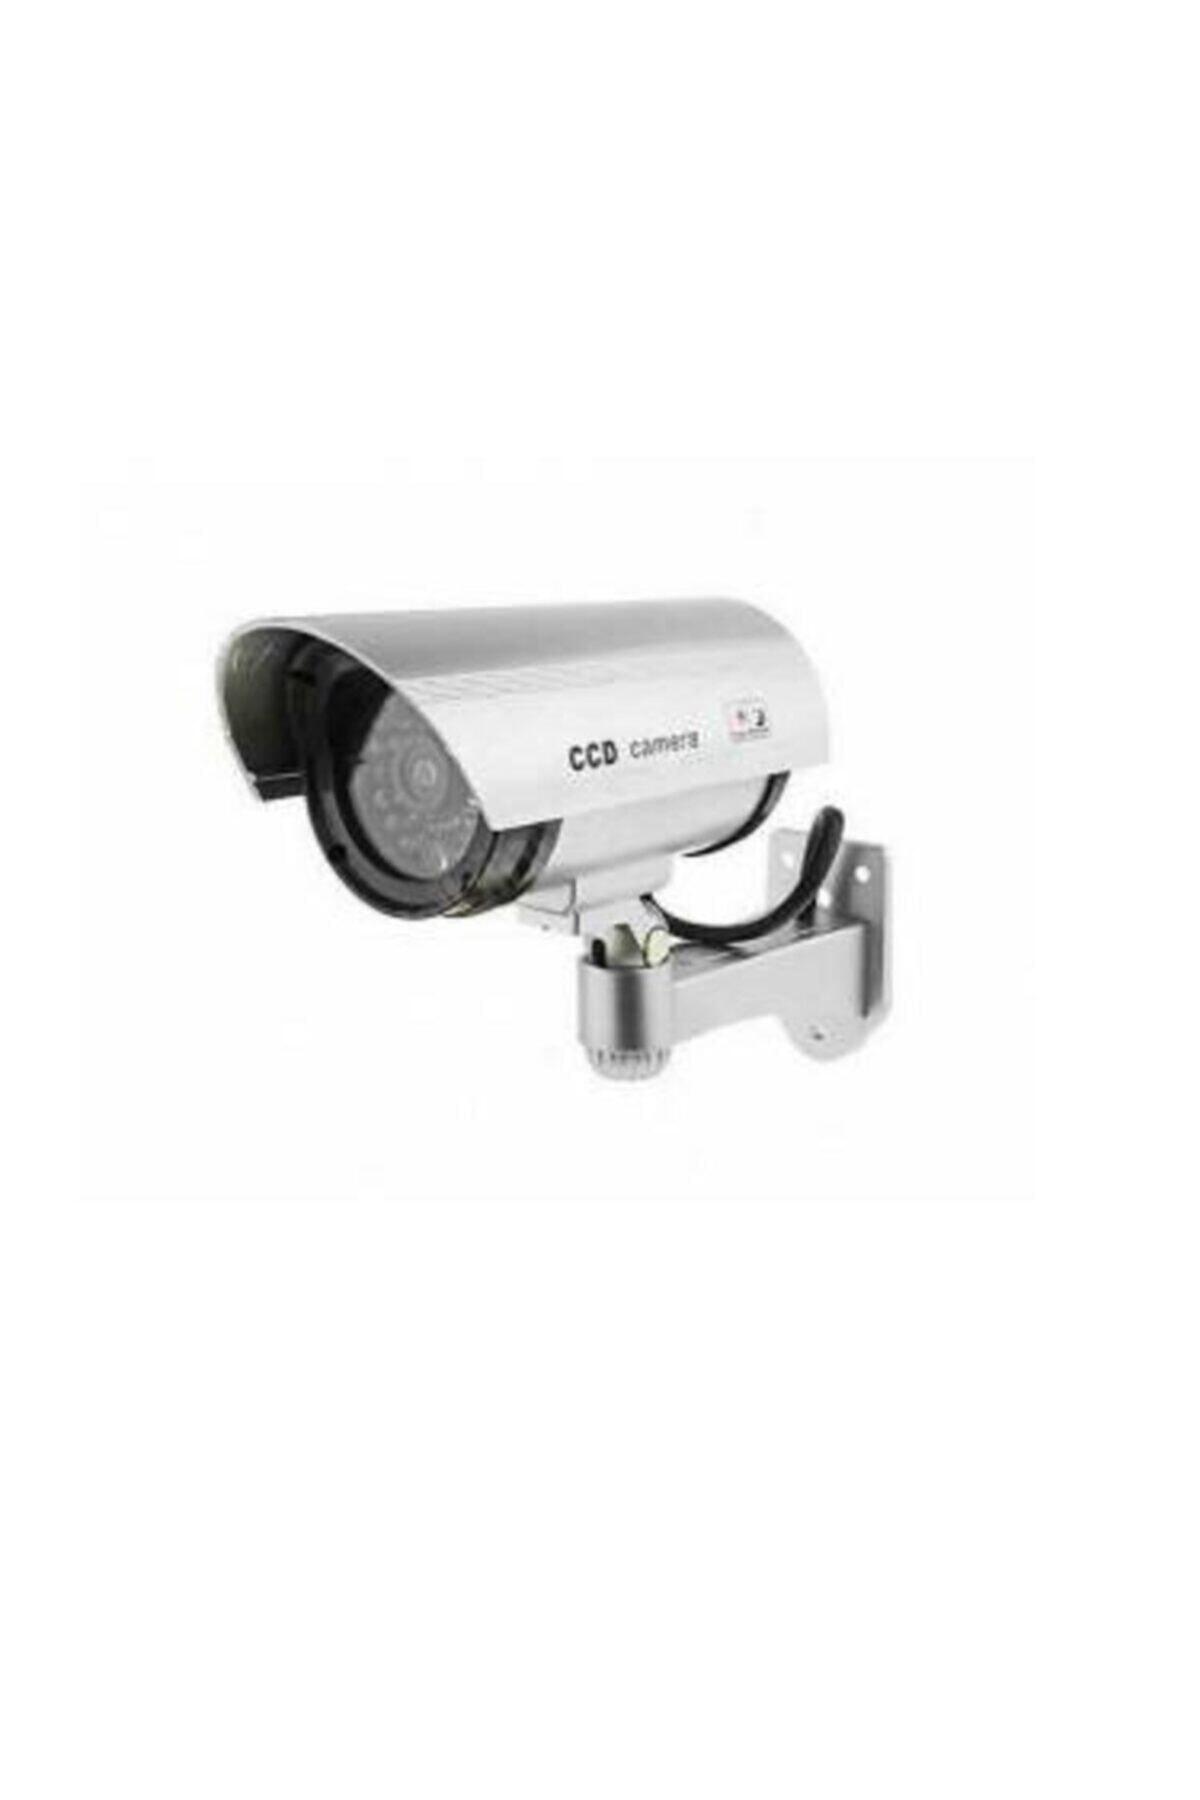 FırsatVar Gece Görüşlü Gerçek Görünümlü Yapay Kamera 1